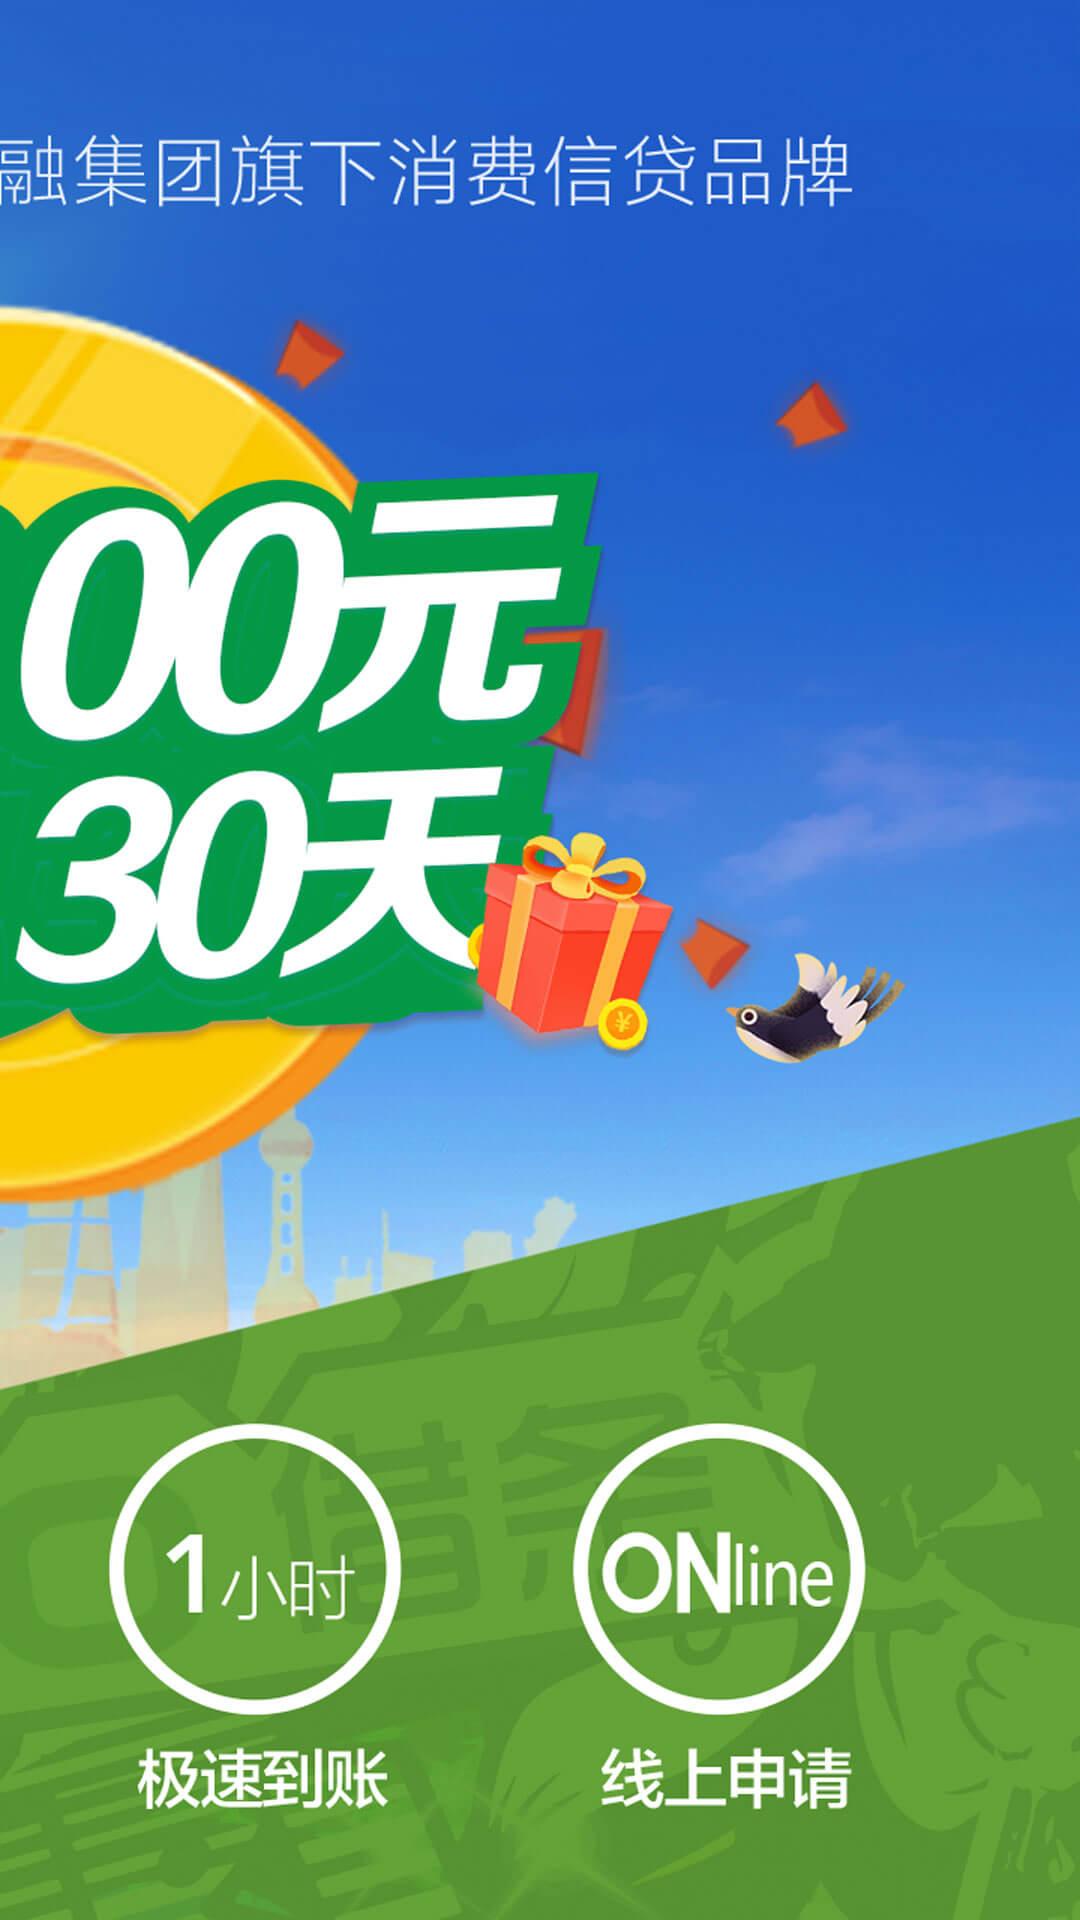 360借条苹果版截图0